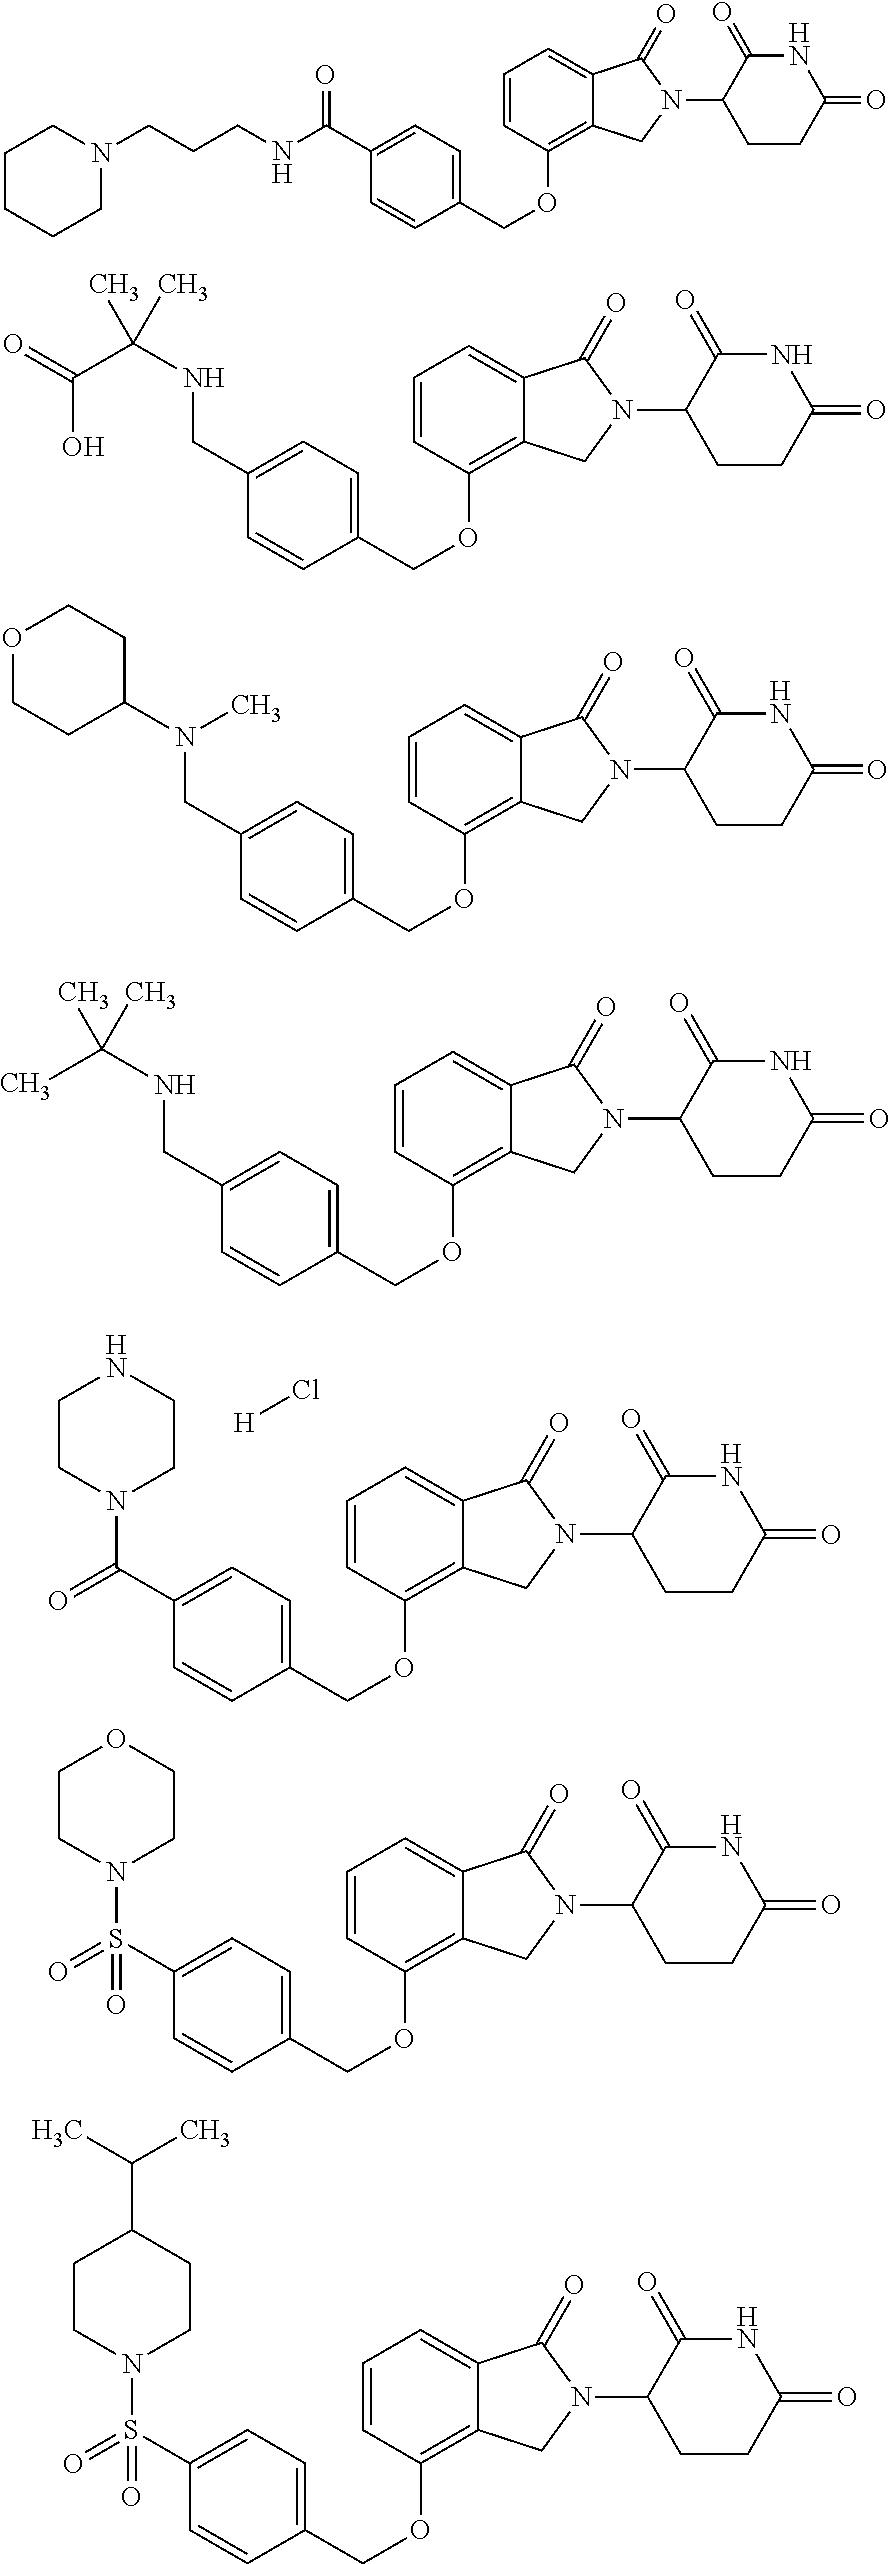 Figure US09822094-20171121-C00032